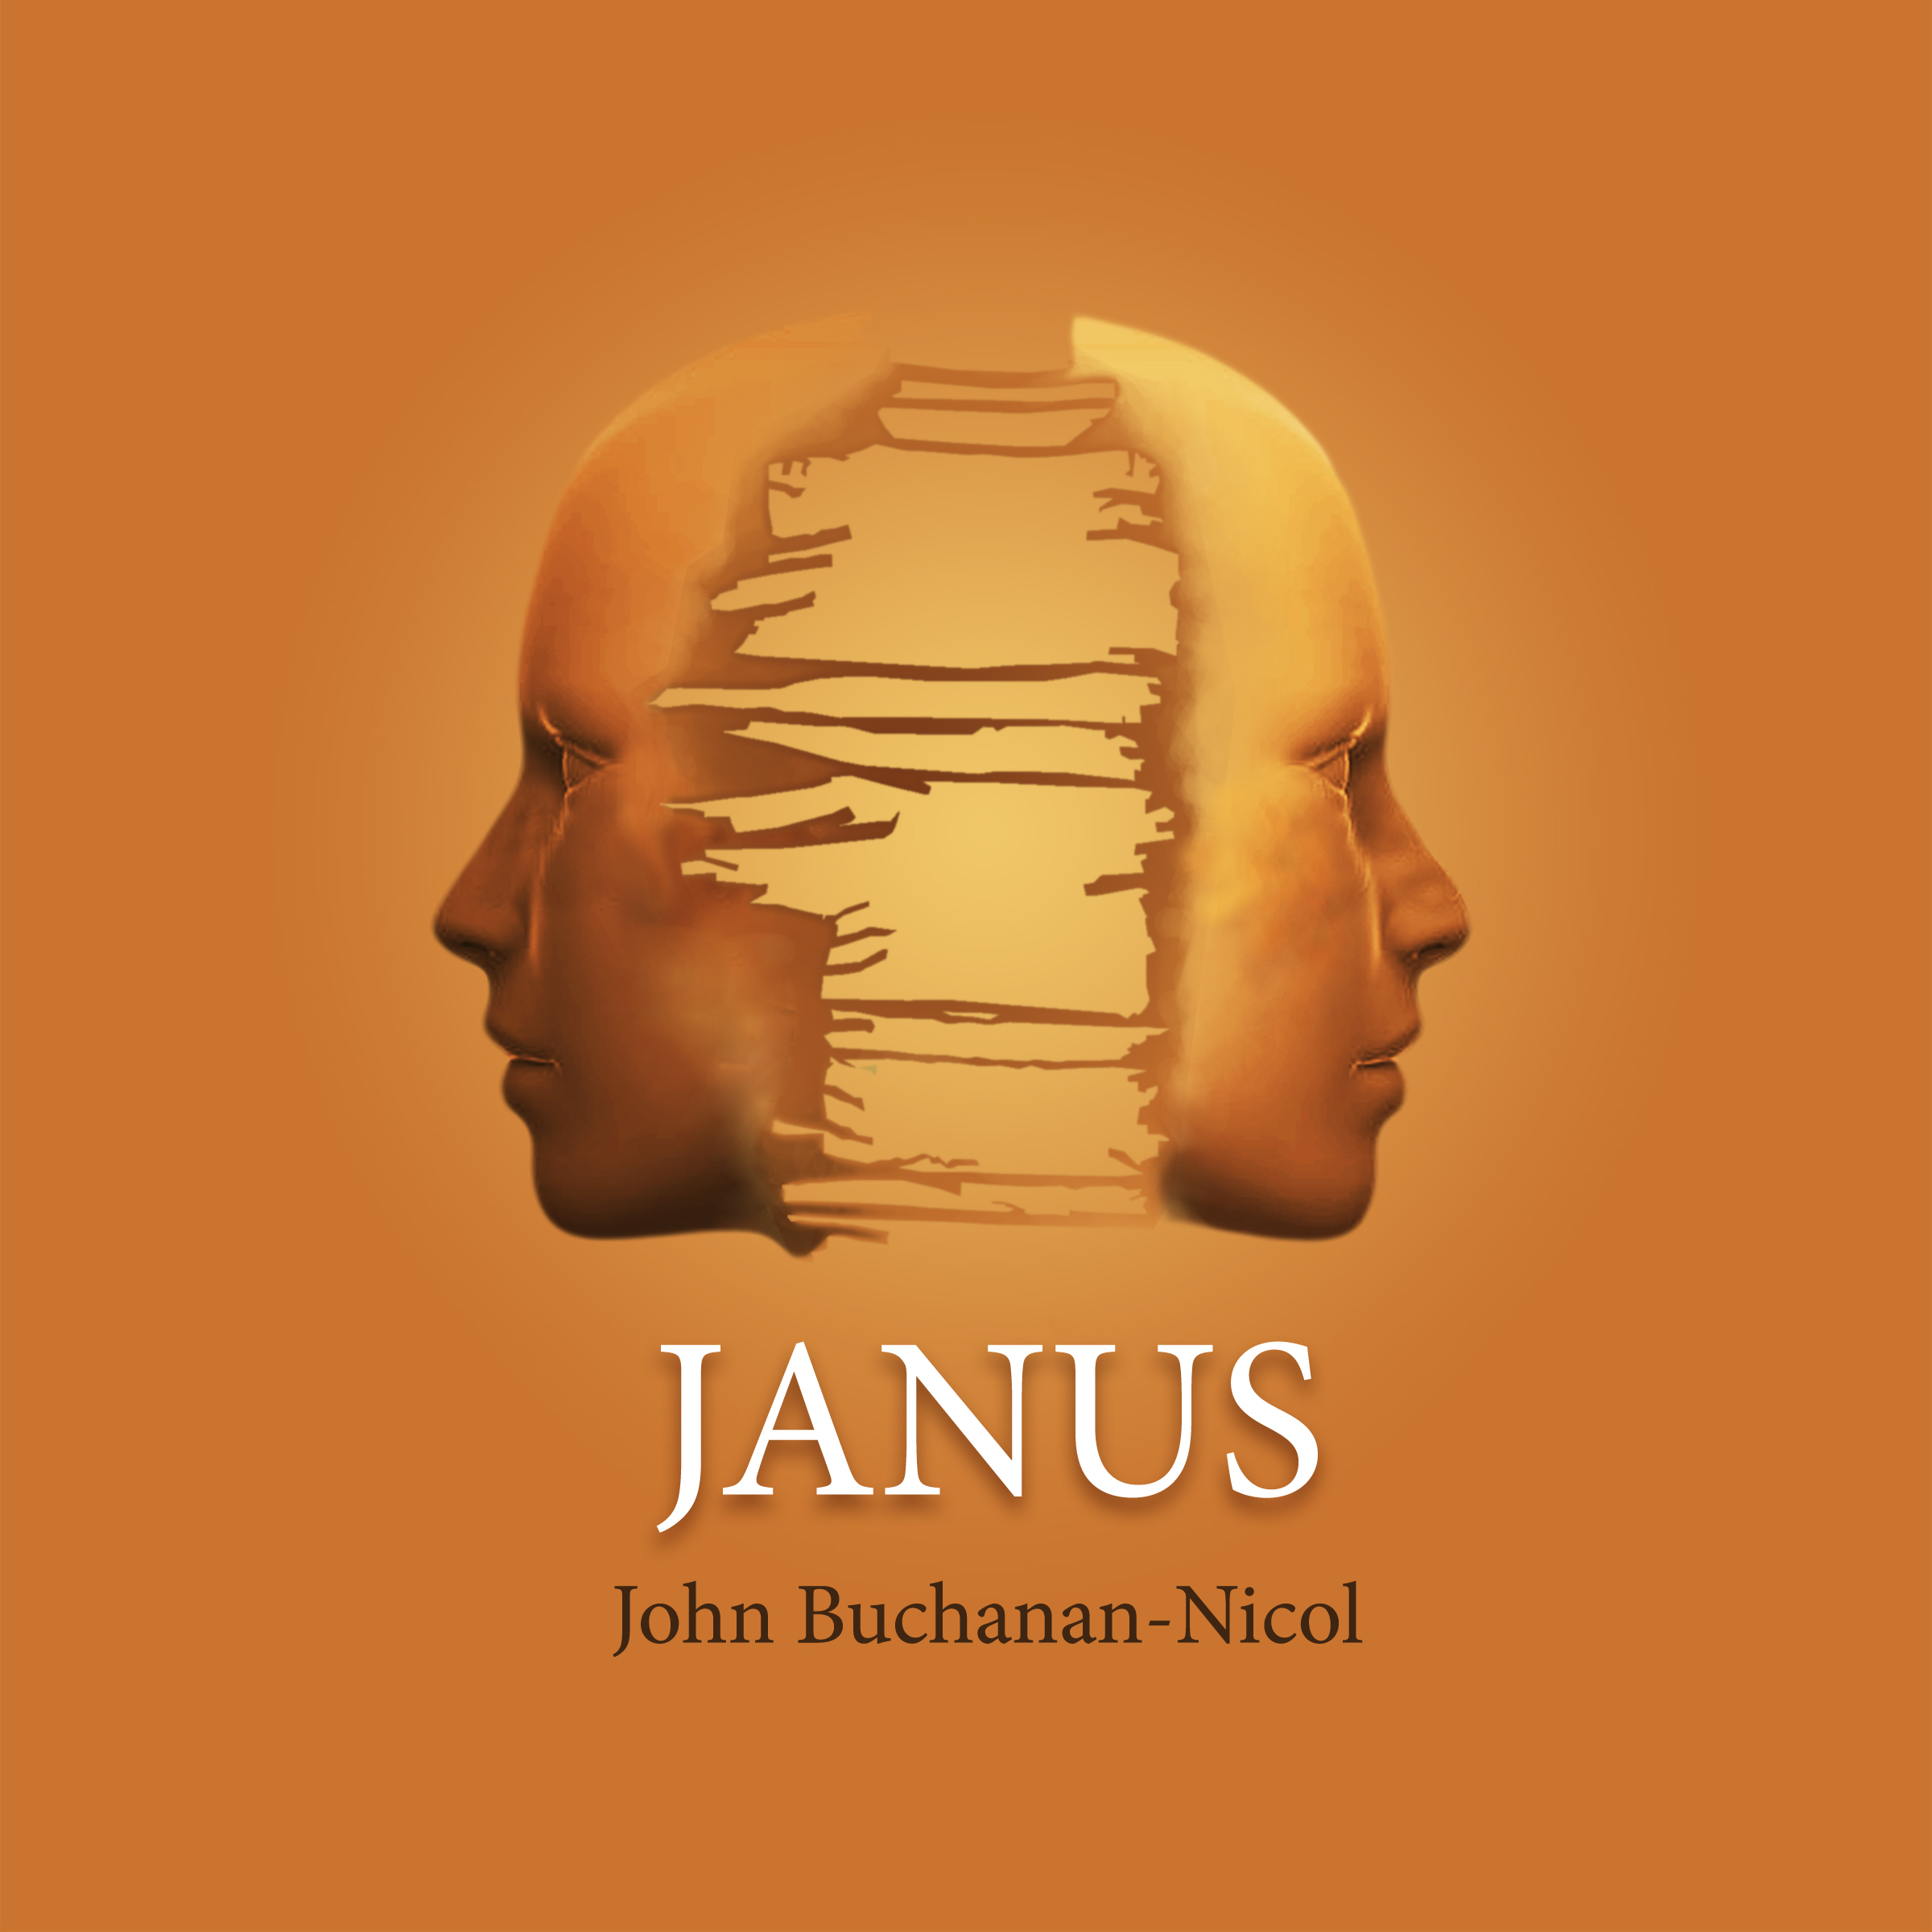 Janus fabrictear thumb 24x24